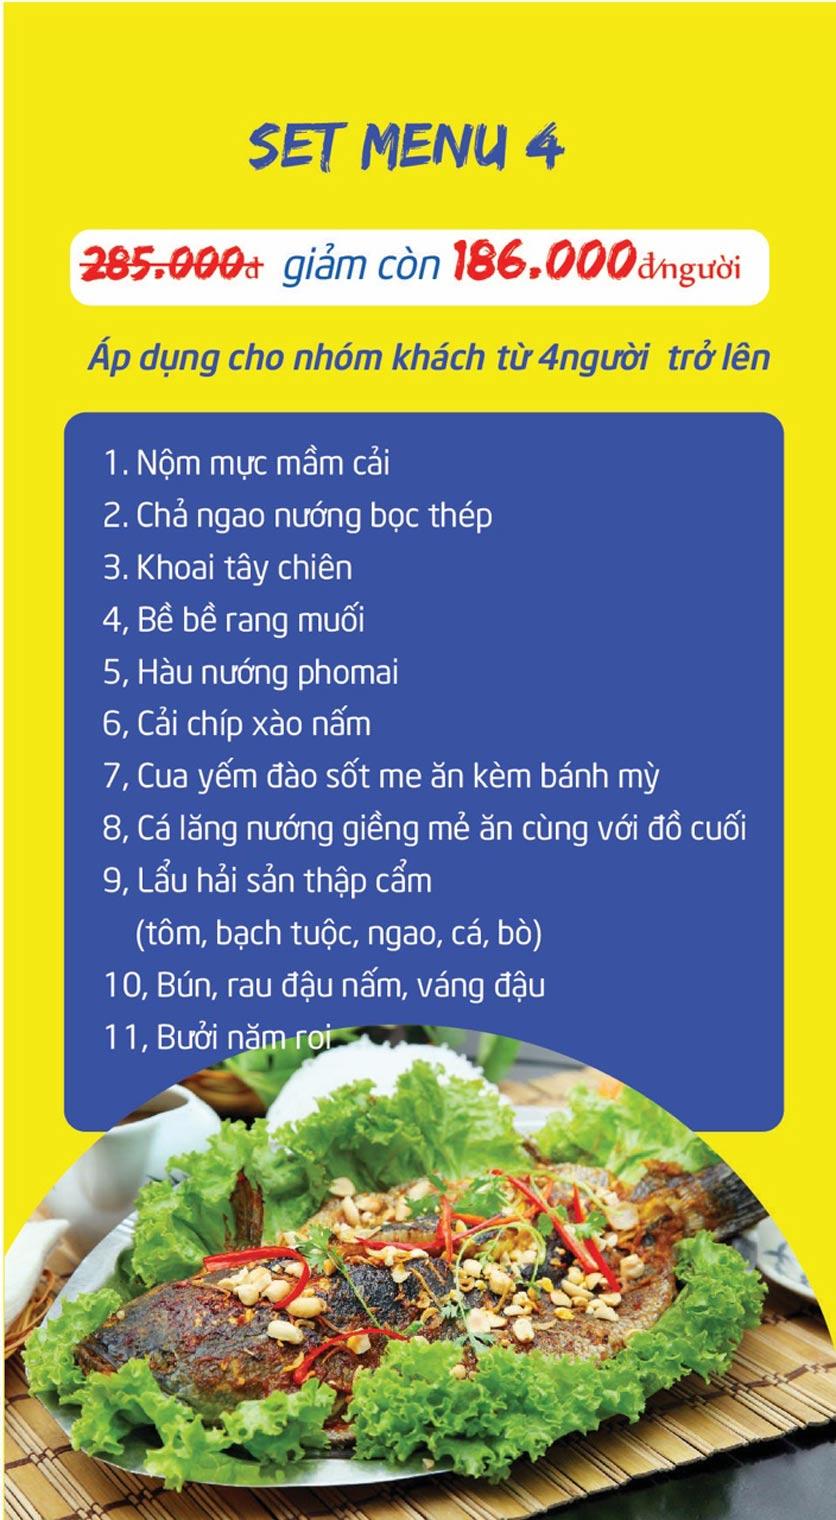 Menu Chợ Hải Sản Thiên Phú - KĐT Văn Phú 11